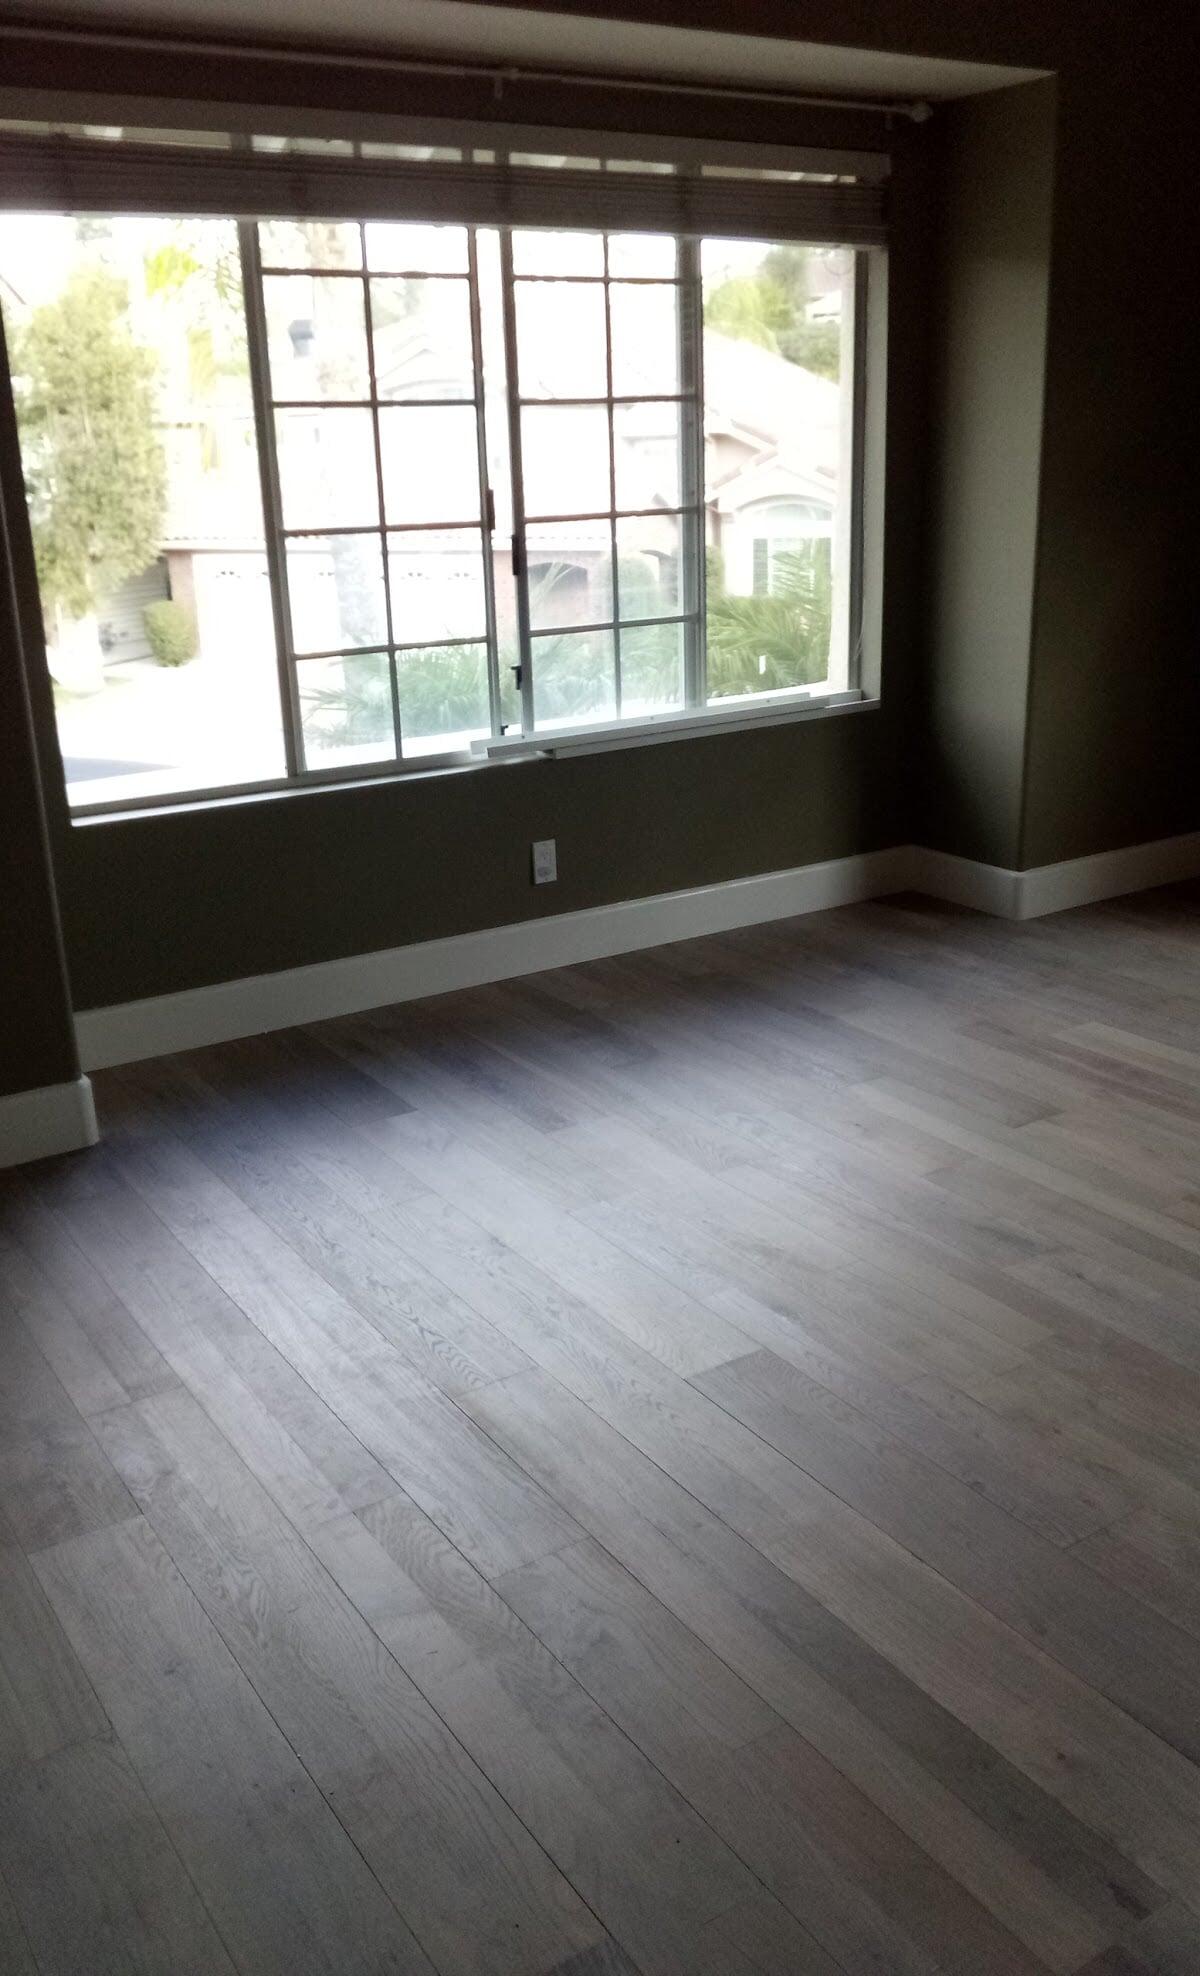 Hardwood flooring installation in San Diego, CA from Savon Flooring